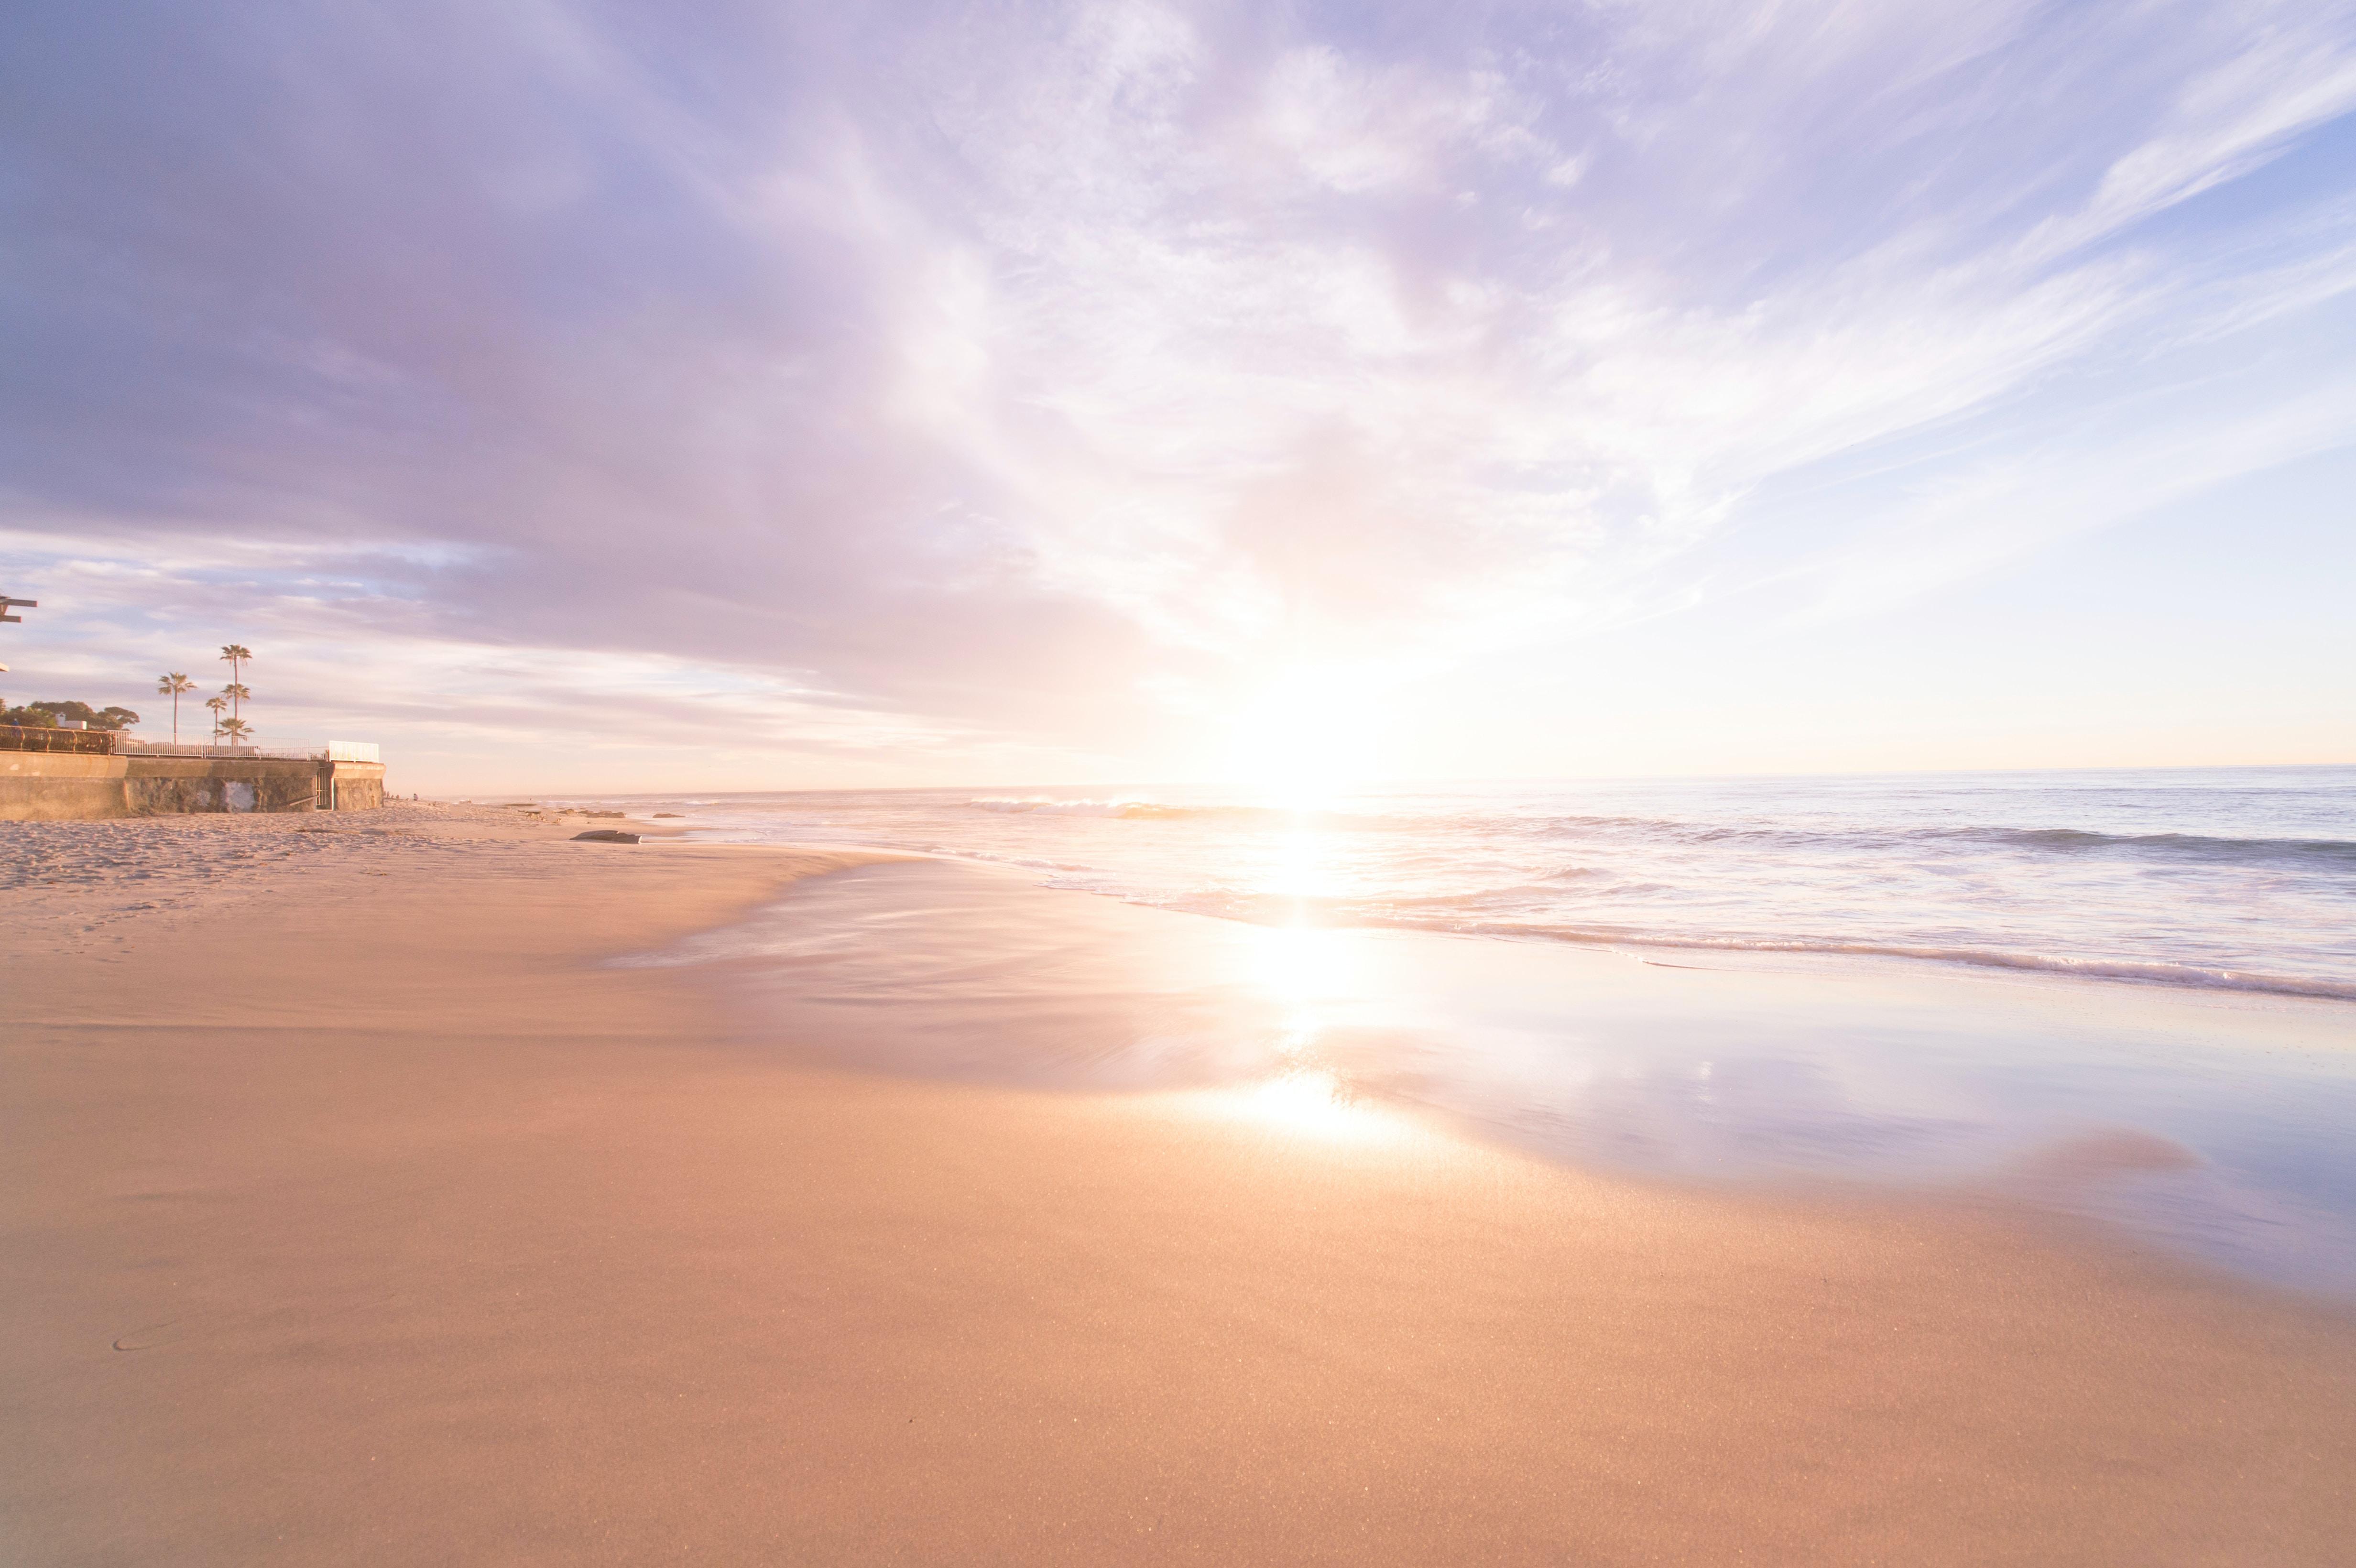 Sunset on a sandy beach at San Diego